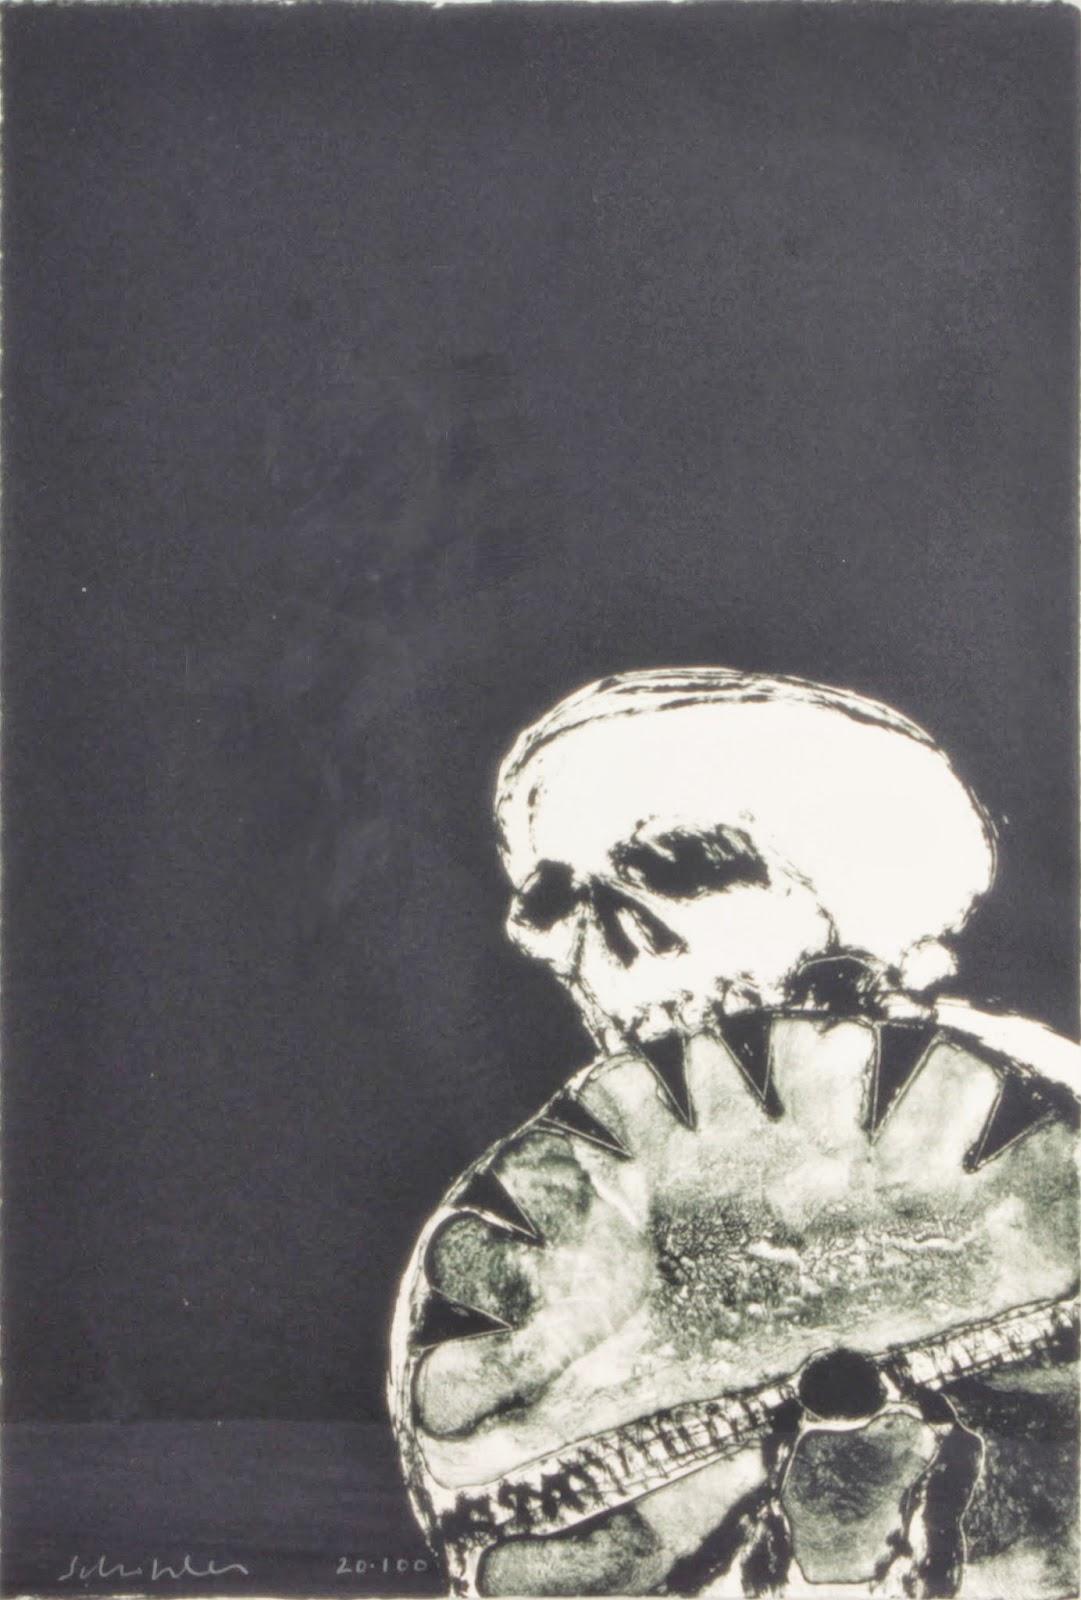 http://www.fourwindsgallery.com/Fritz_Scholder_Anpao_Suite_Death_p/scholder0327141.htm